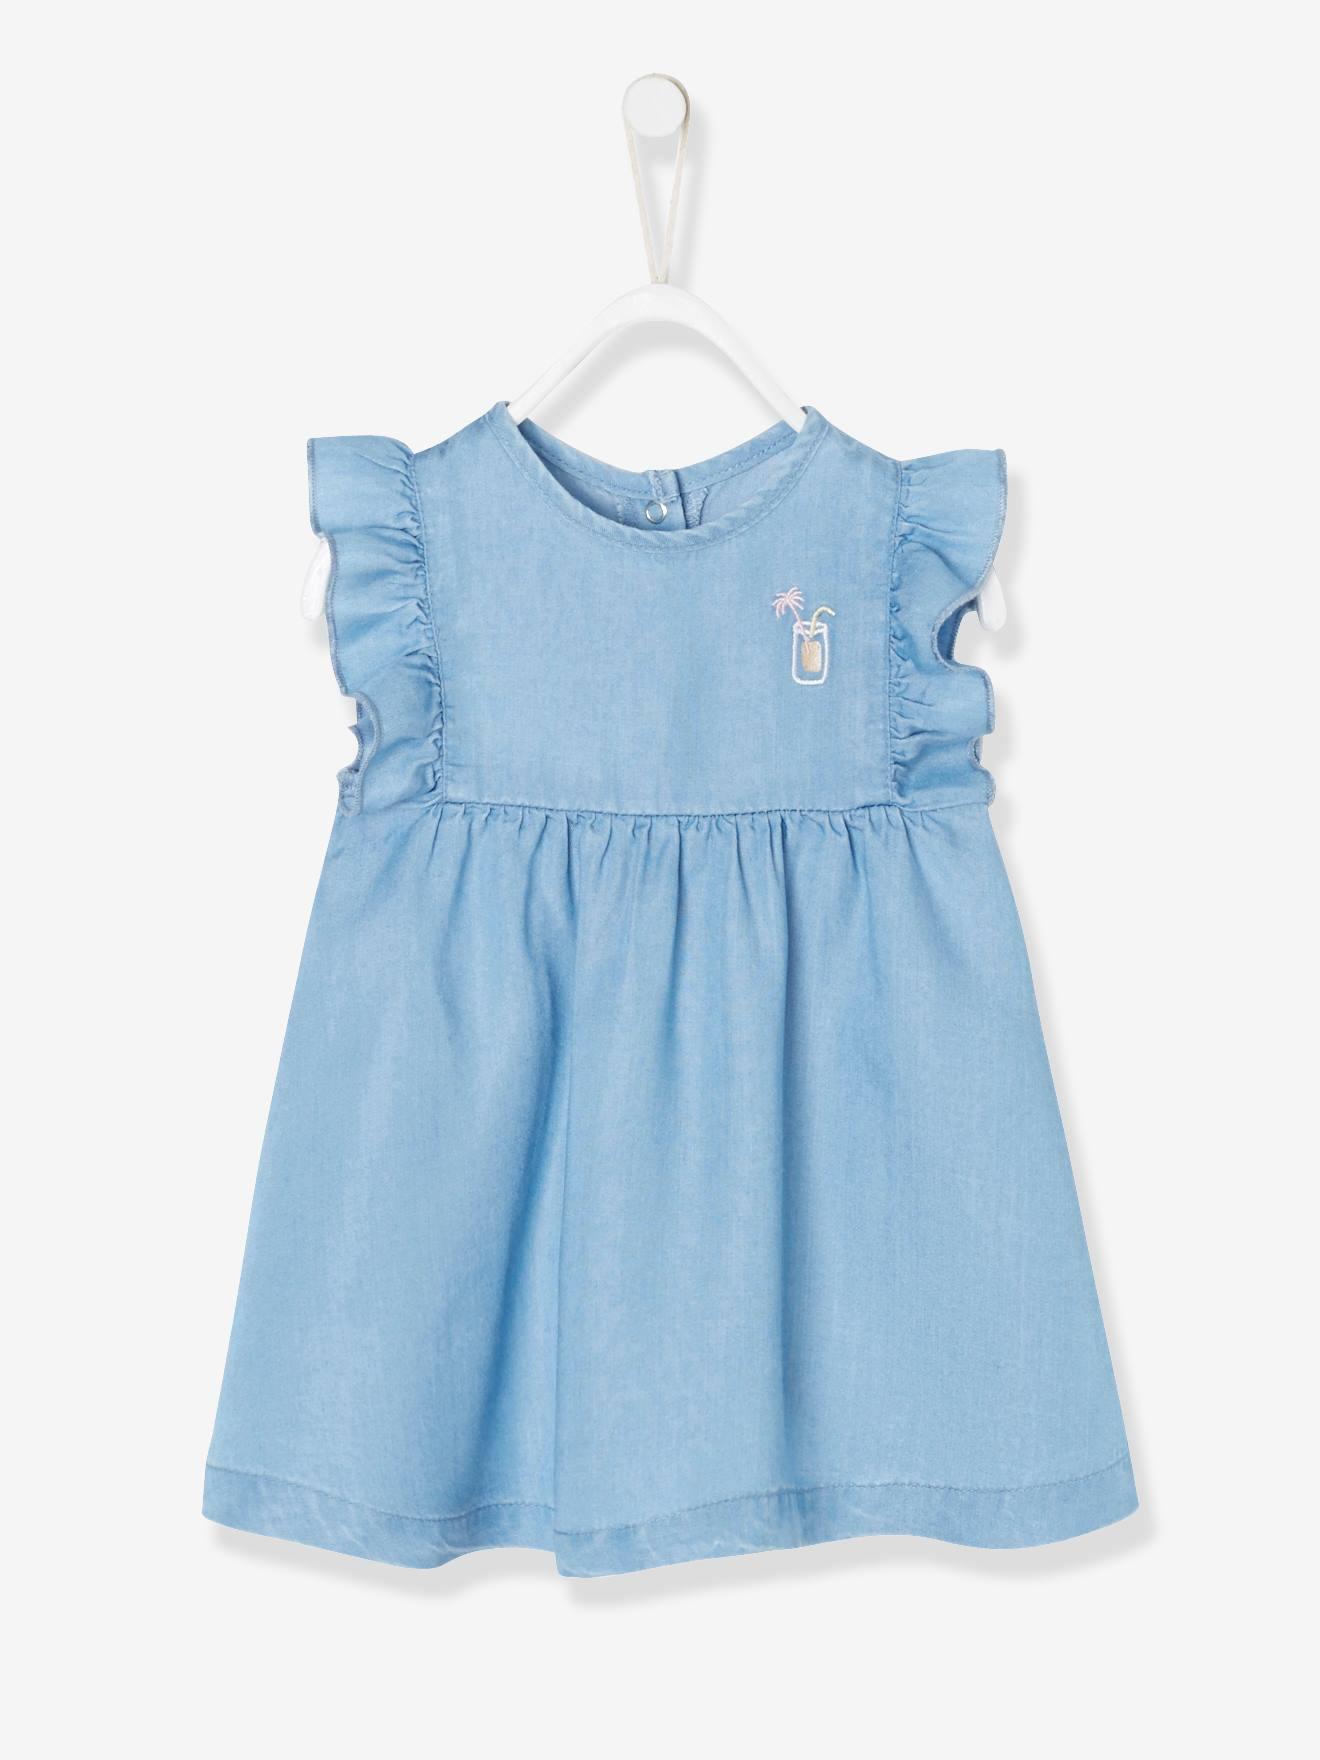 3d8605df1 Conjunto de bebé con vestido + pantalón bombacho de denim ligero azul claro  lavado - Vertbaudet